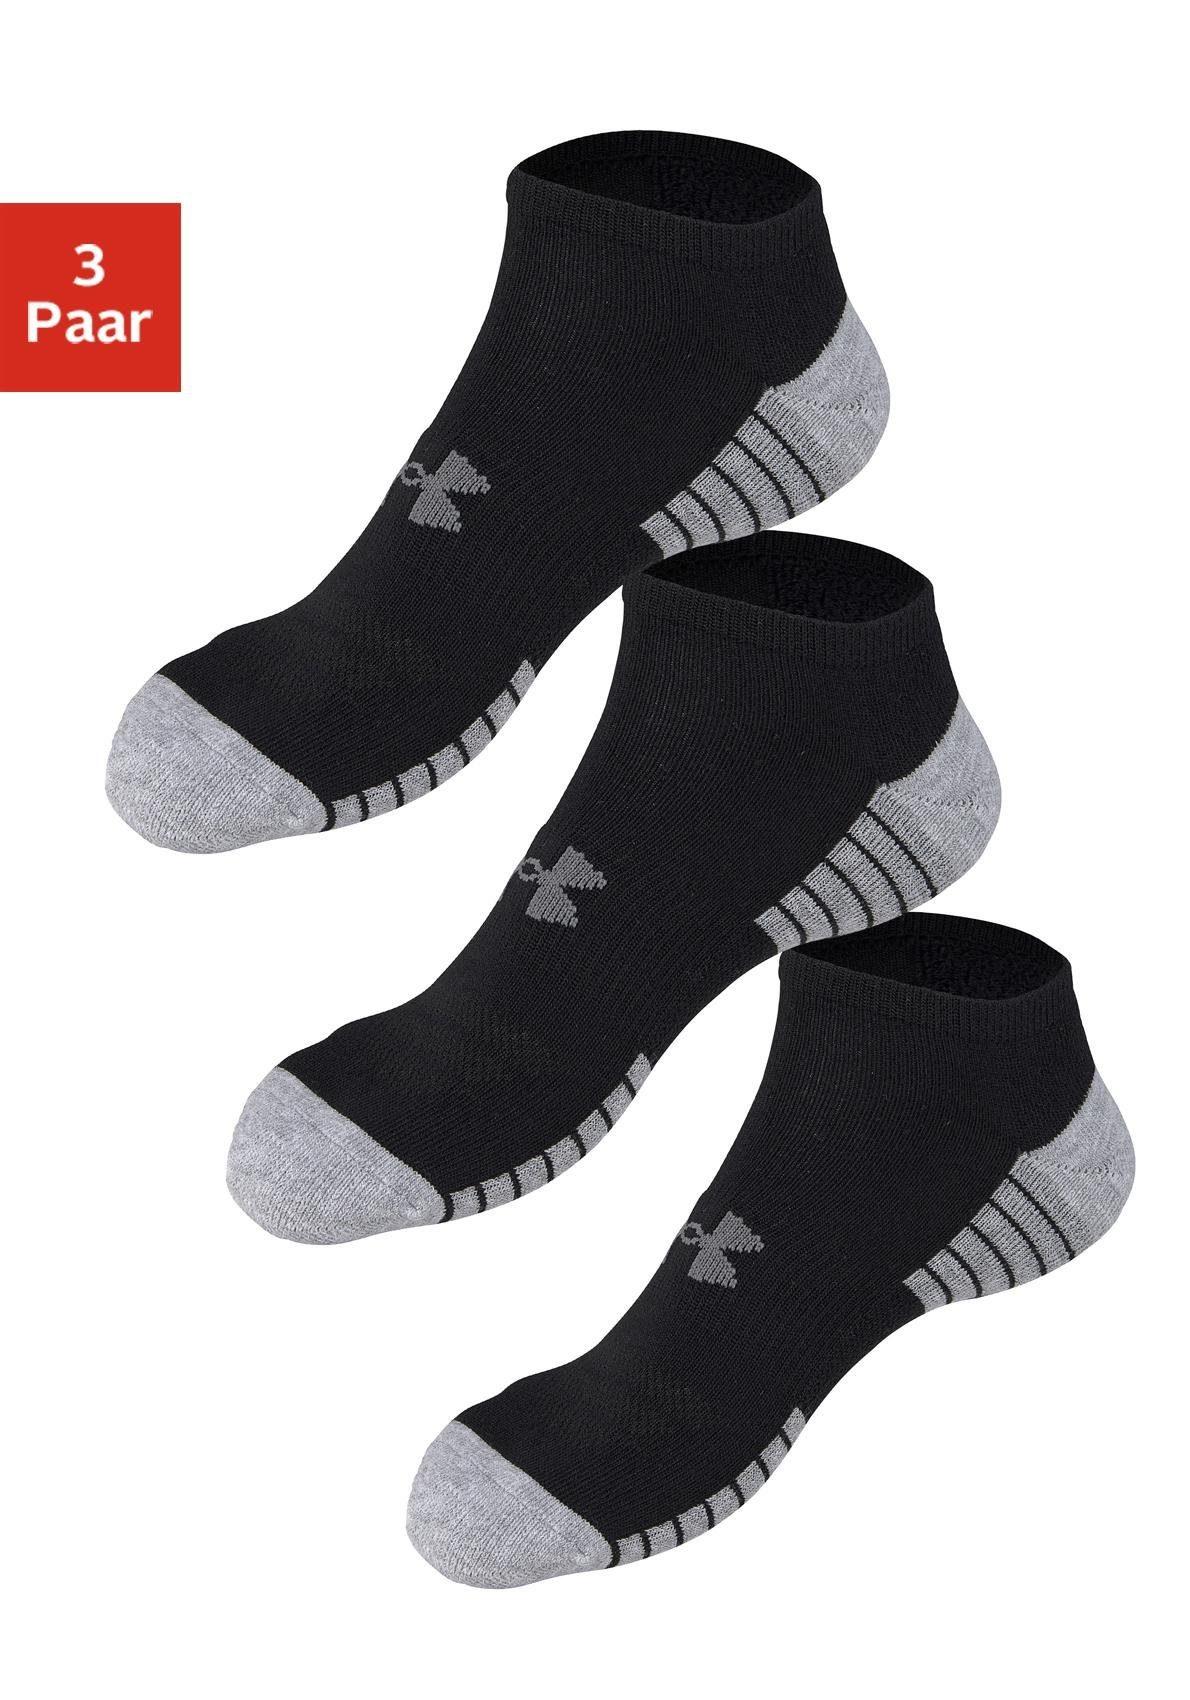 Under Armour® Sneakersocken (3 Paar) mit anatomischer Polsterung